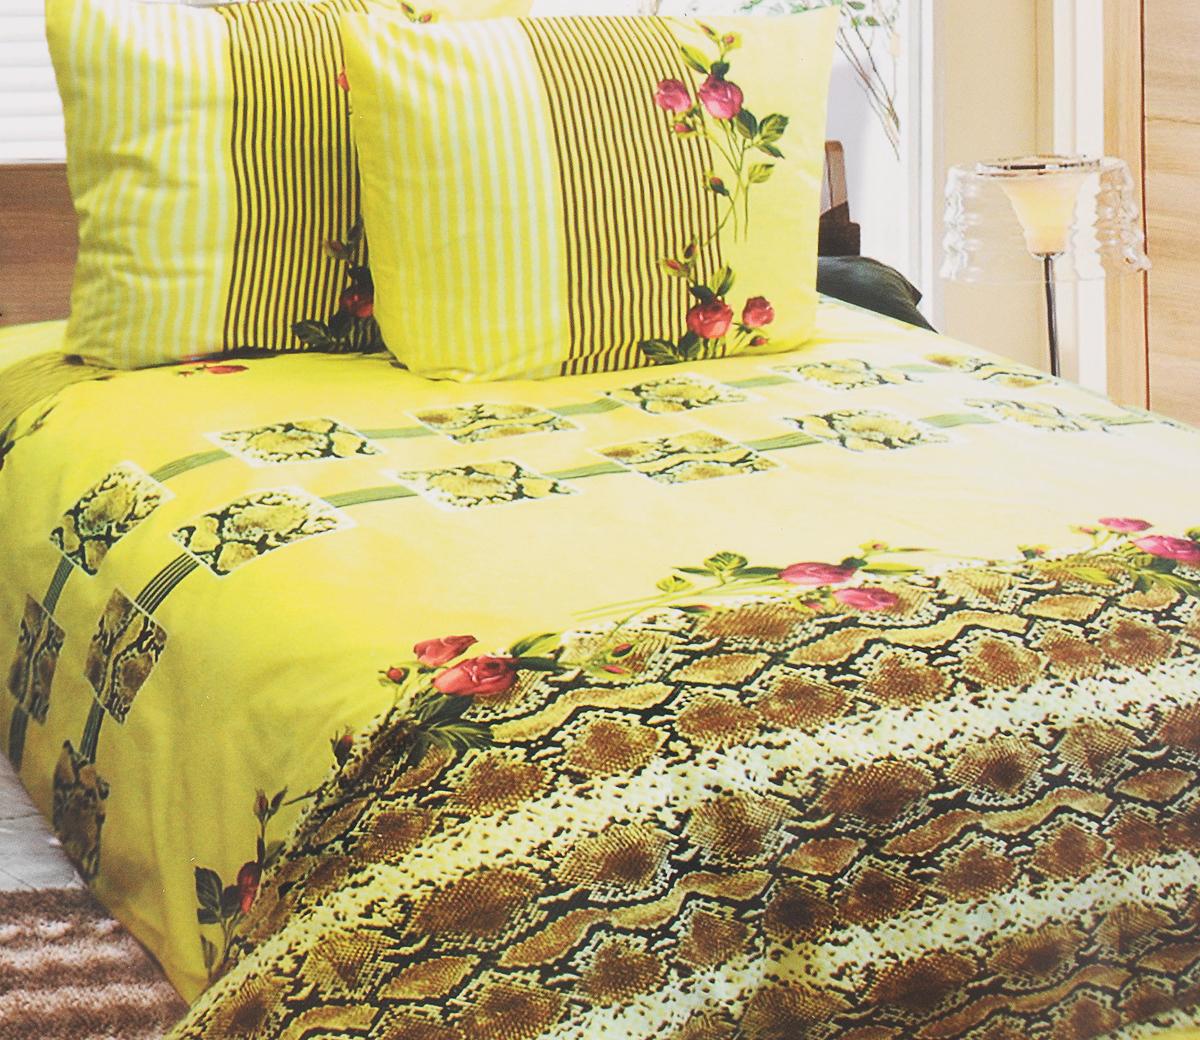 Комплект белья Катюша Клеопатра, 2-спальный, наволочки 70х70, цвет: светло-желтый, коричневый, красныйC-115/3954Комплект постельного белья Катюша Клеопатра является экологически безопасным для всей семьи, так как выполнен из бязи (100% хлопок). Комплект состоит из пододеяльника, простыни и двух наволочек. Постельное белье оформлено оригинальным рисунком и имеет изысканный внешний вид. Бязь - это ткань полотняного переплетения, изготовленная из экологически чистого и натурального 100% хлопка. Она прочная, мягкая, обладает низкой сминаемостью, легко стирается и хорошо гладится. Бязь прекрасно пропускает воздух и за ней легко ухаживать. При соблюдении рекомендуемых условий стирки, сушки и глажения ткань имеет усадку по ГОСТу, сохранятся яркость текстильных рисунков. Приобретая комплект постельного белья Катюша Клеопатра, вы можете быть уверенны в том, что покупка доставит вам и вашим близким удовольствие и подарит максимальный комфорт.